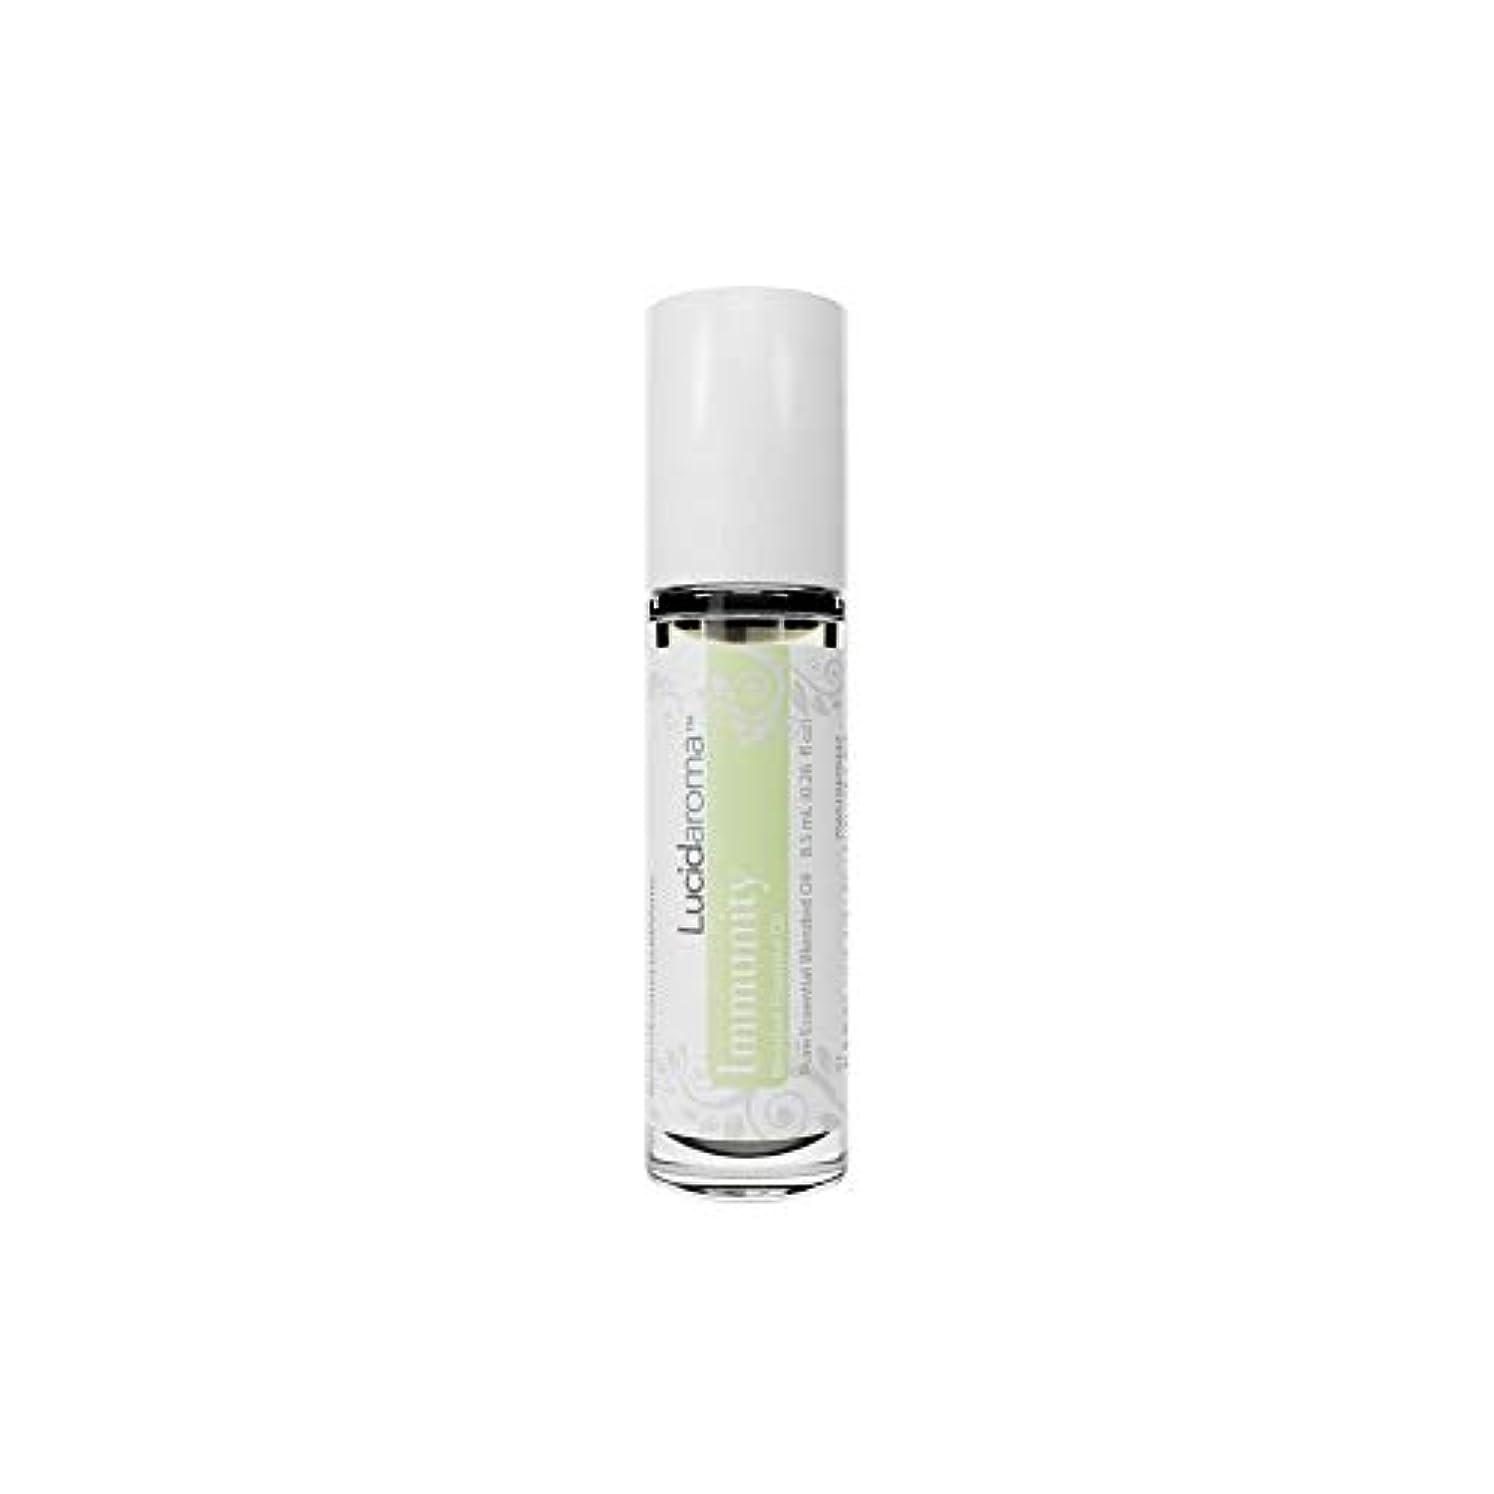 ブラケット浸した満足できるLucid Aroma Immunity イミュニティ ブレンド ロールオン アロマオイル 8.5mL (塗るアロマ) 100%天然 携帯便利 ピュア エッセンシャル アメリカ製